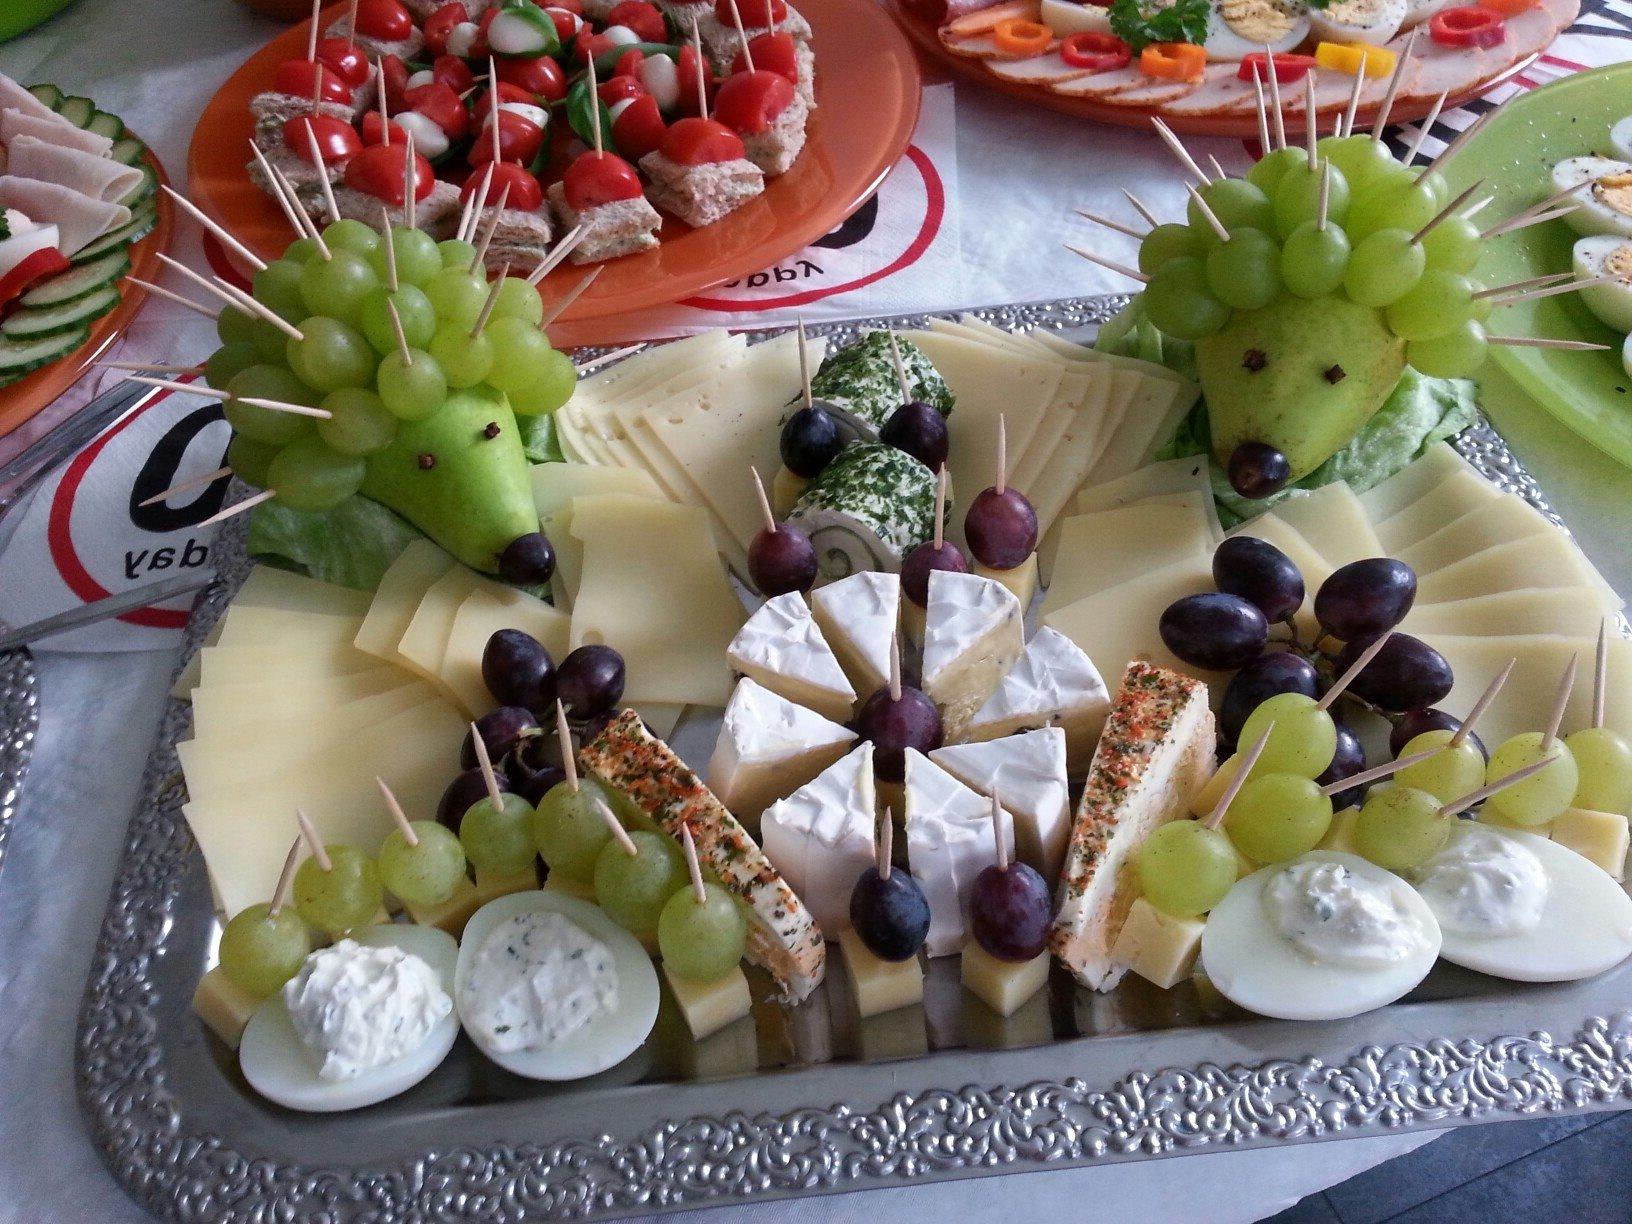 Obst und gem se schnitzen kreative ideen und anleitungen f r jeder gesunde ern hrung - Deko vorschlage fur kalte platten ...